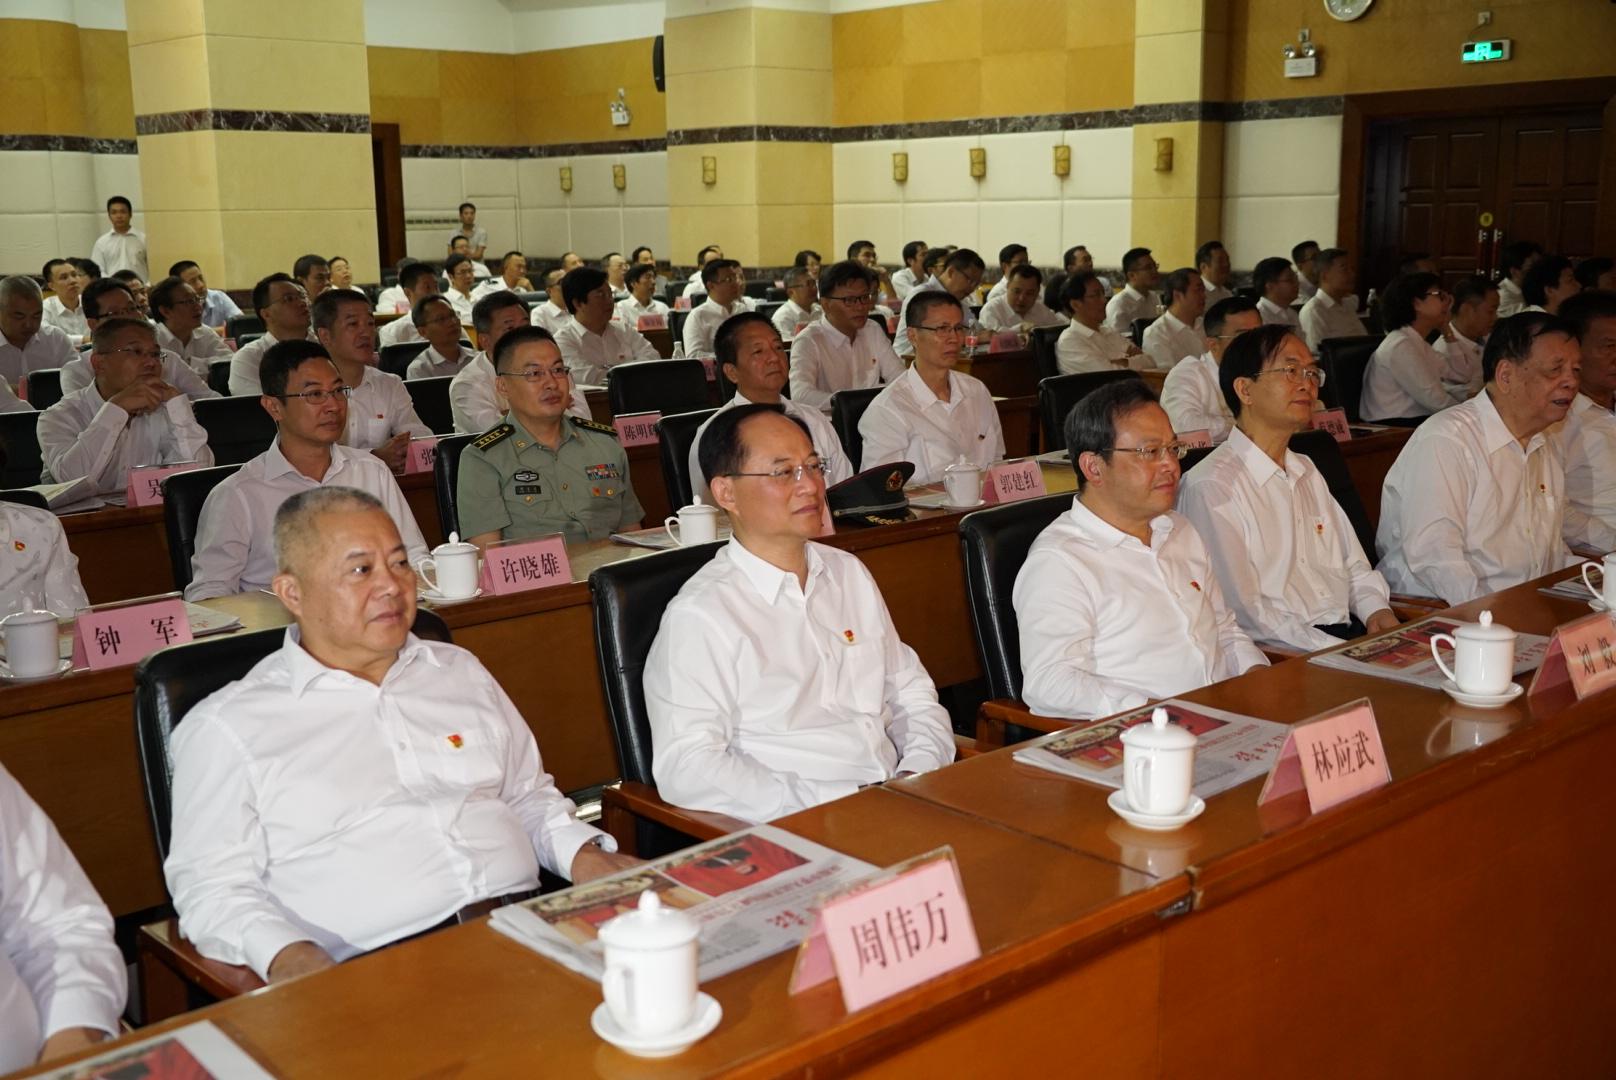 江門市干部群眾收聽收看慶祝中華人民共和國成立70周年大會直播盛況